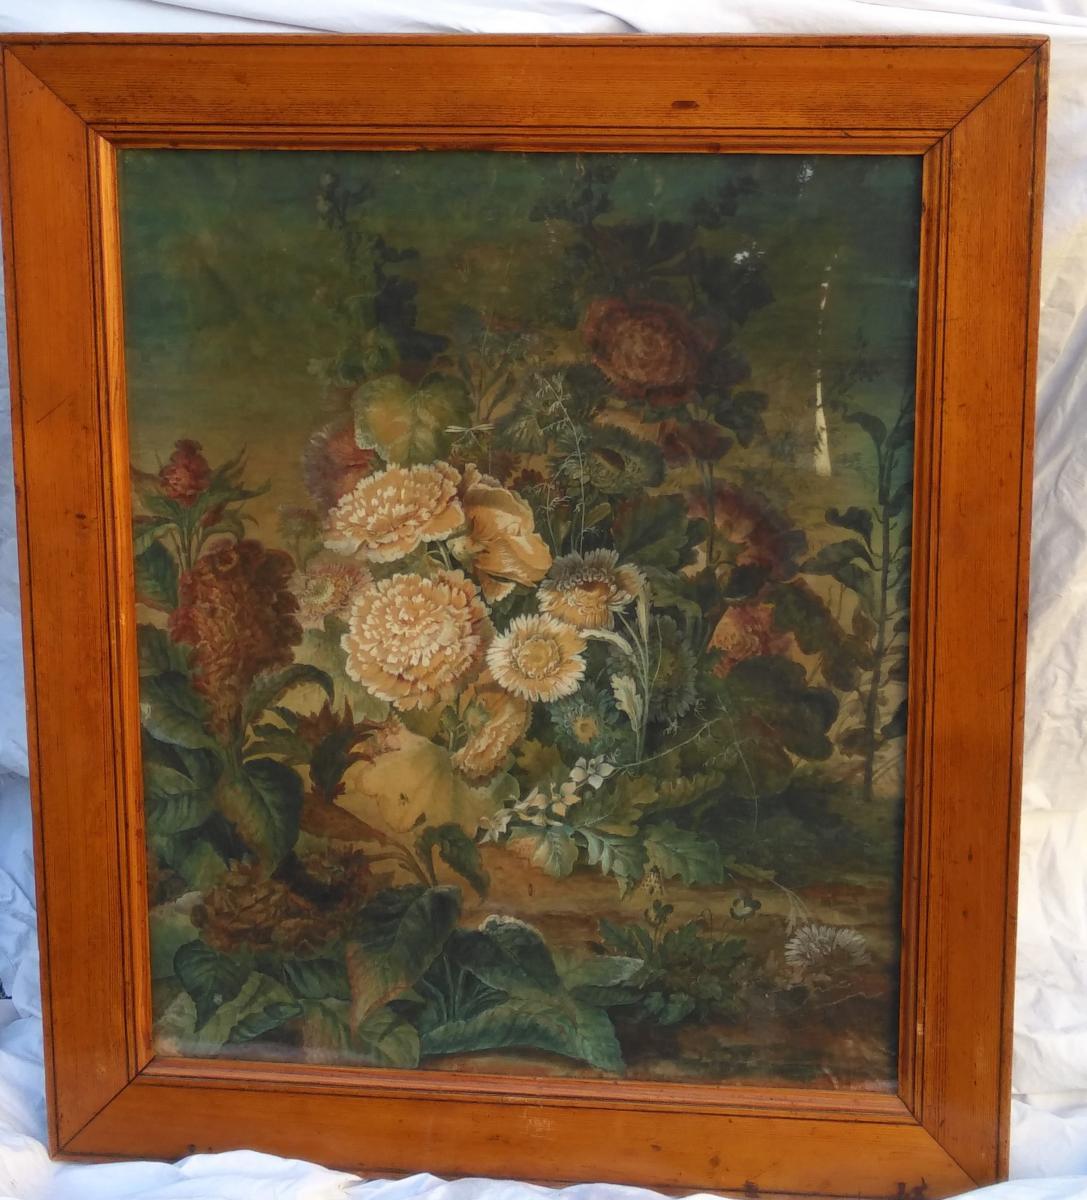 Paire De Natures-mortes d'Anne Brettingham De Carle, XVIIIe siècle-photo-1